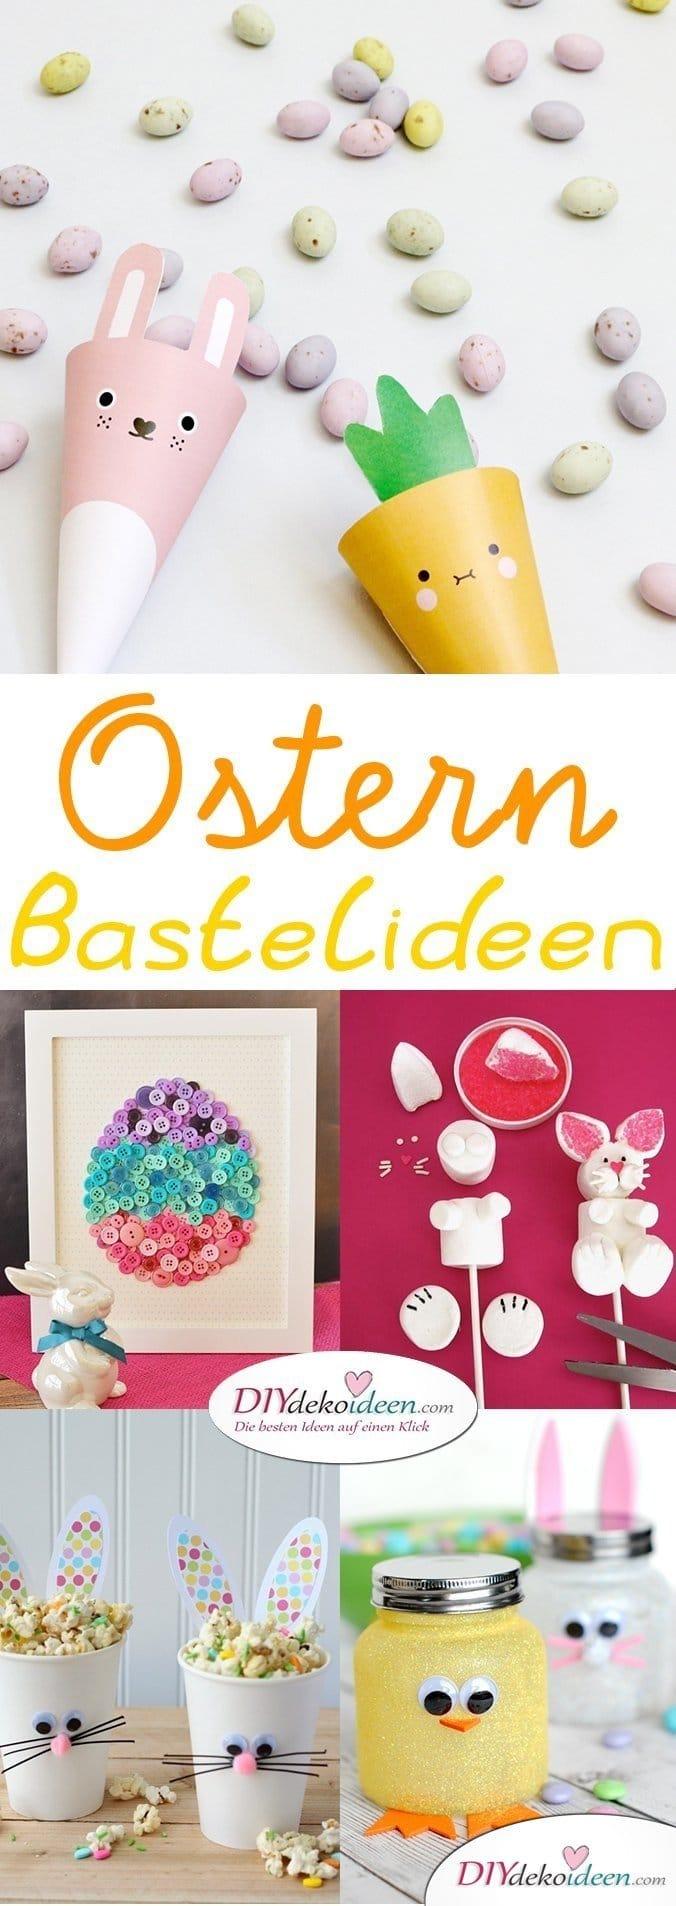 Bastelideen für Ostern, DIY Bastelideen für Ostern, Ostern basteln, Oster Bastelidee, Oster Deko, Osterdeko, Dekoideen Ostern, Bastelideen Ostern